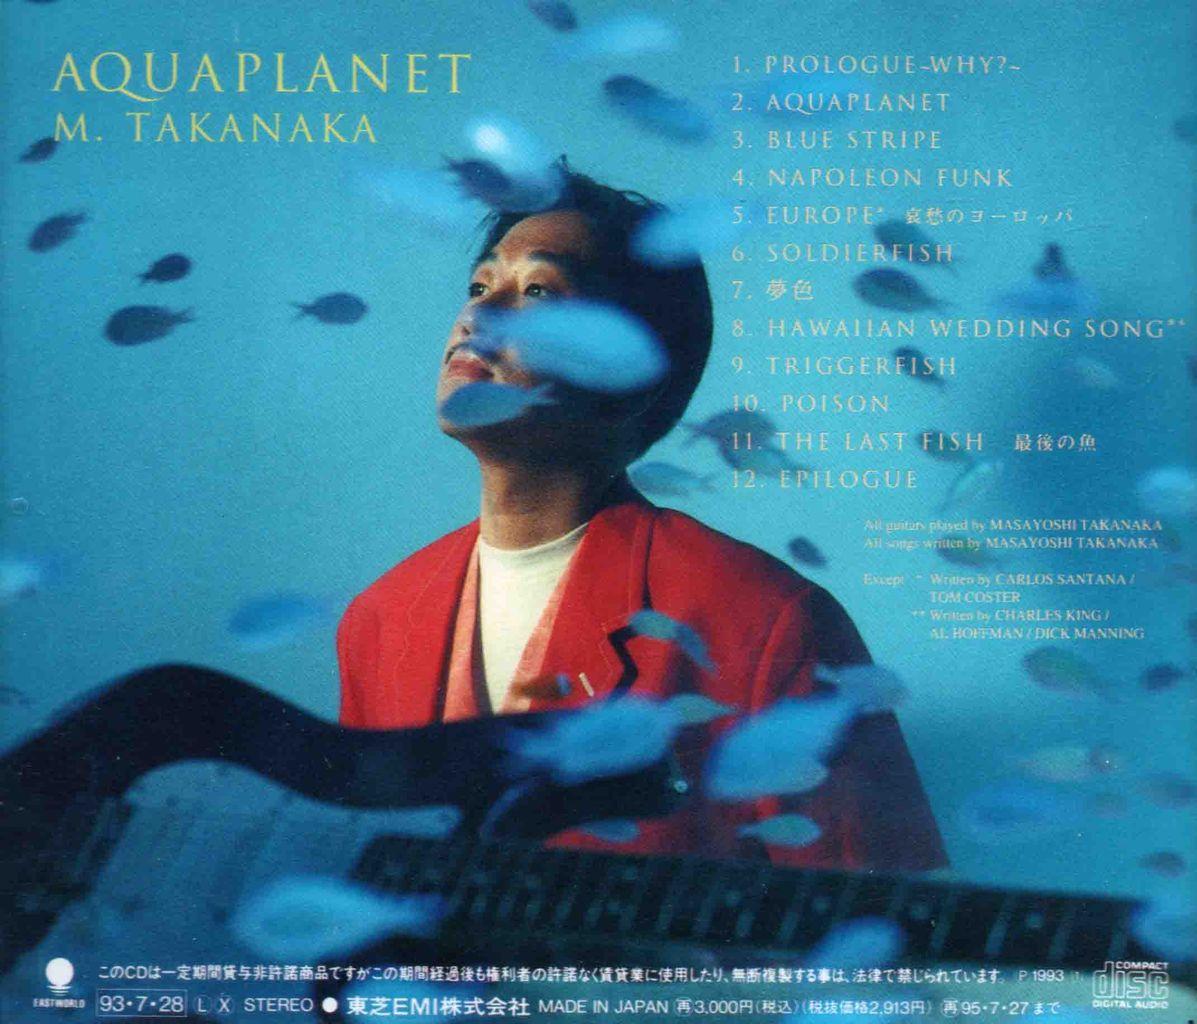 AQUAPLANET-2